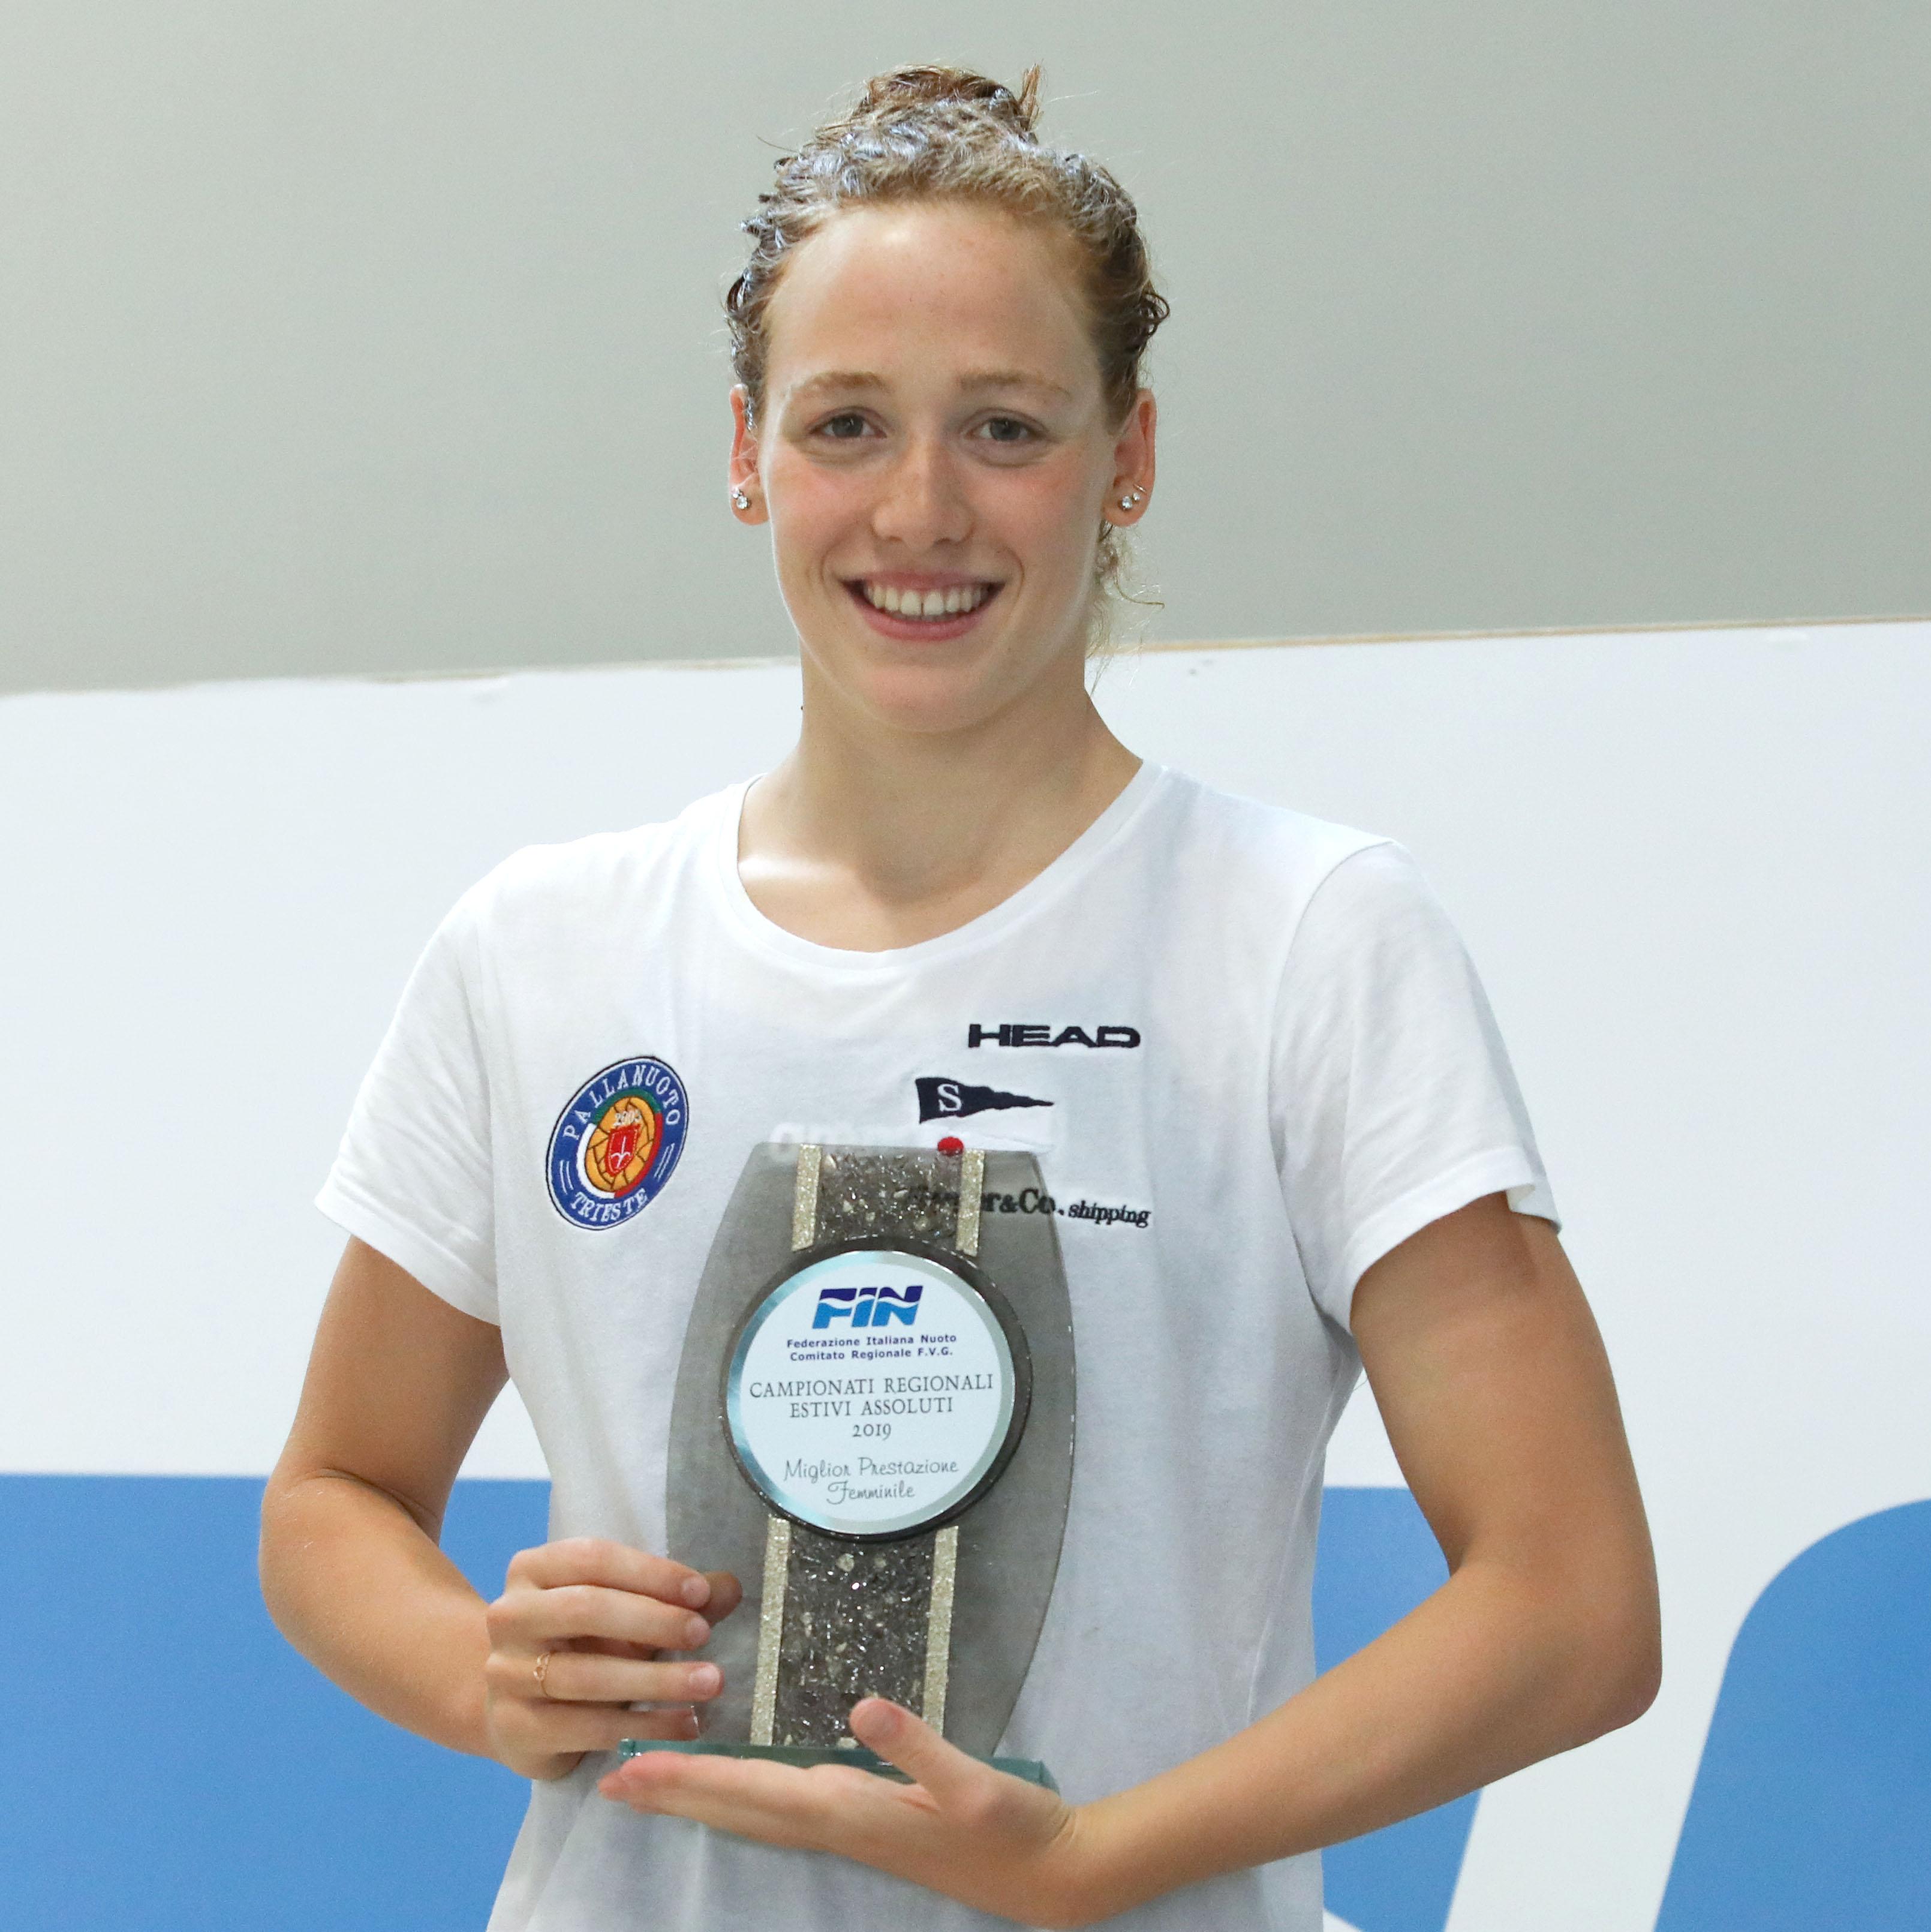 Campionati Regionali Assoluti: Pallanuoto Trieste 27 volte sul podio, secondo posto nella classifica per società a soli 4 punti dalla vetta